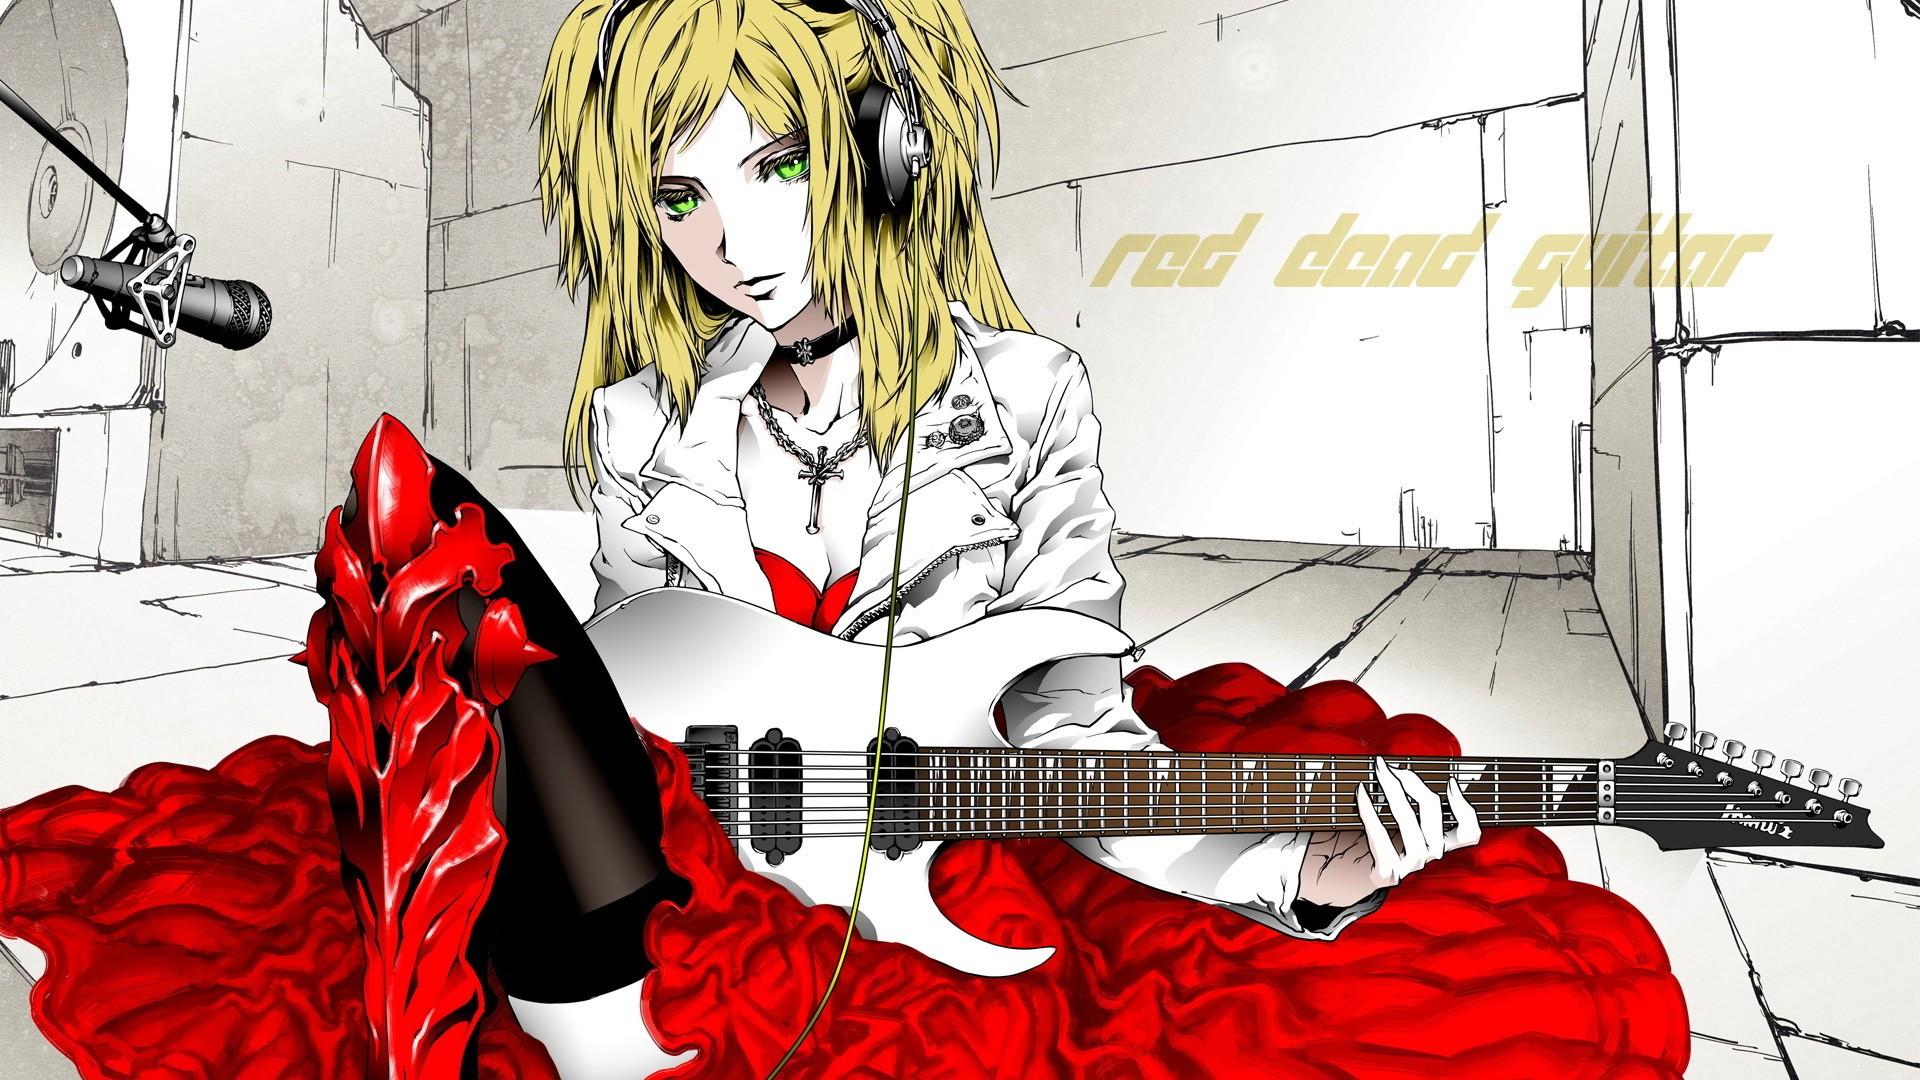 爱音乐的可爱动漫吉他美女图片桌面壁纸高清下载 第二辑